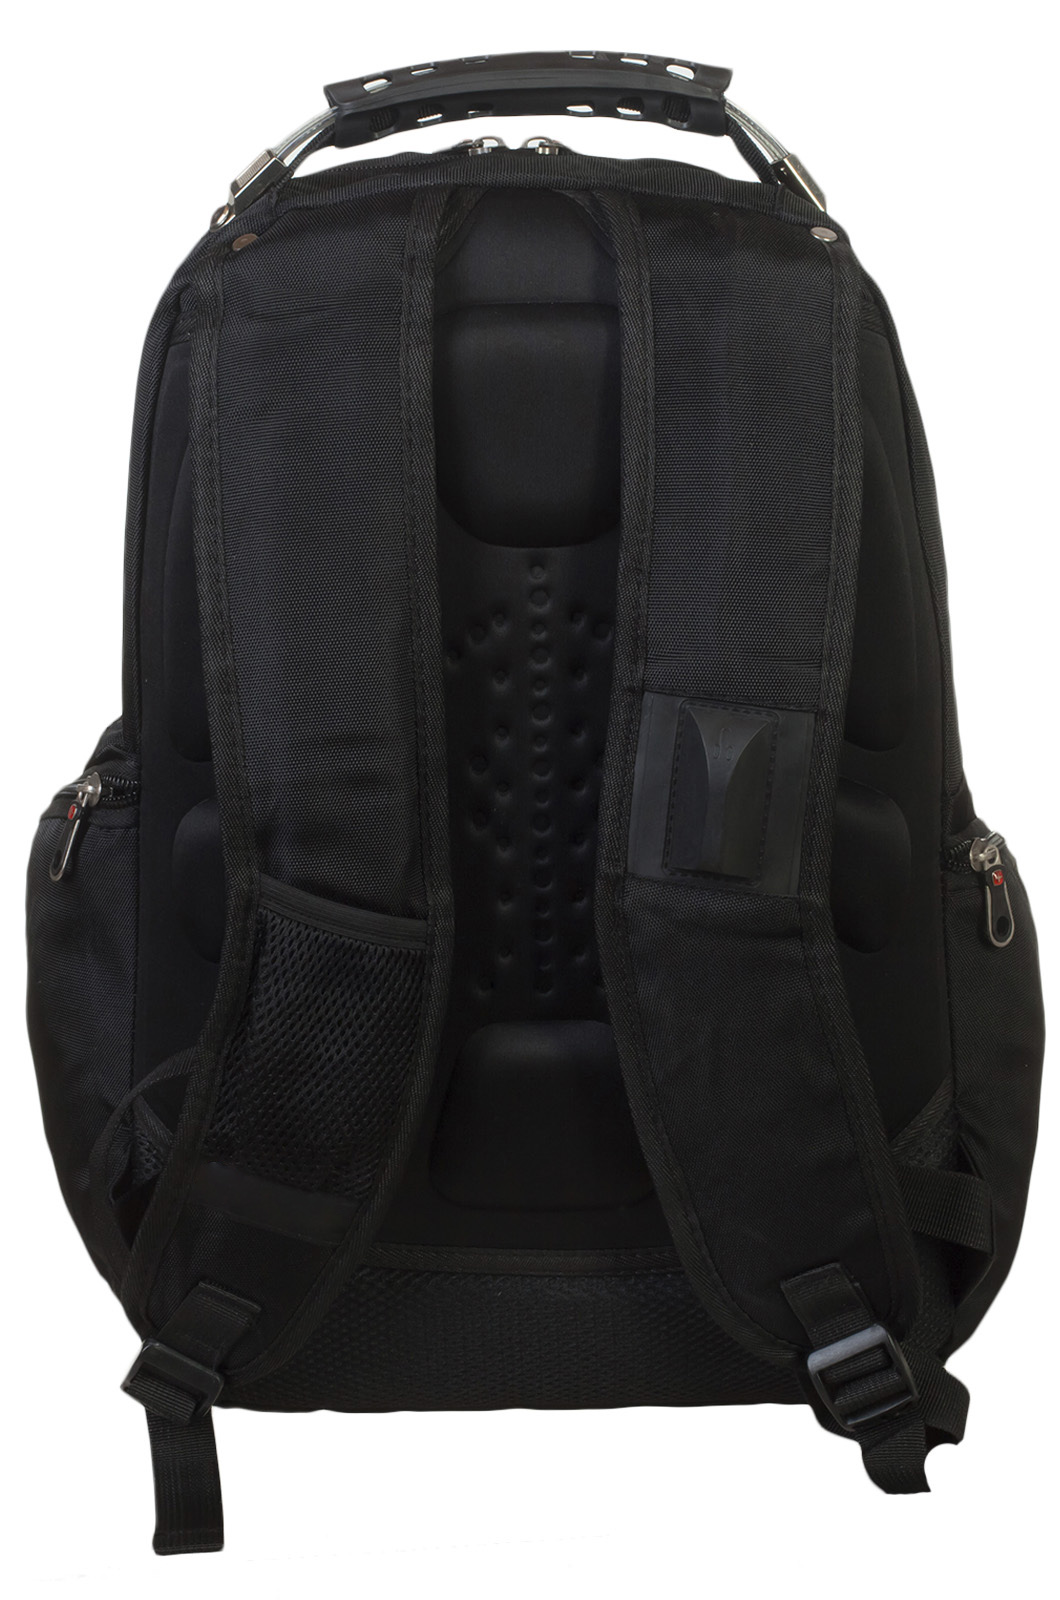 Черный рюкзак с символичным шевроном Торез Оплот Спецназ купить онлайн